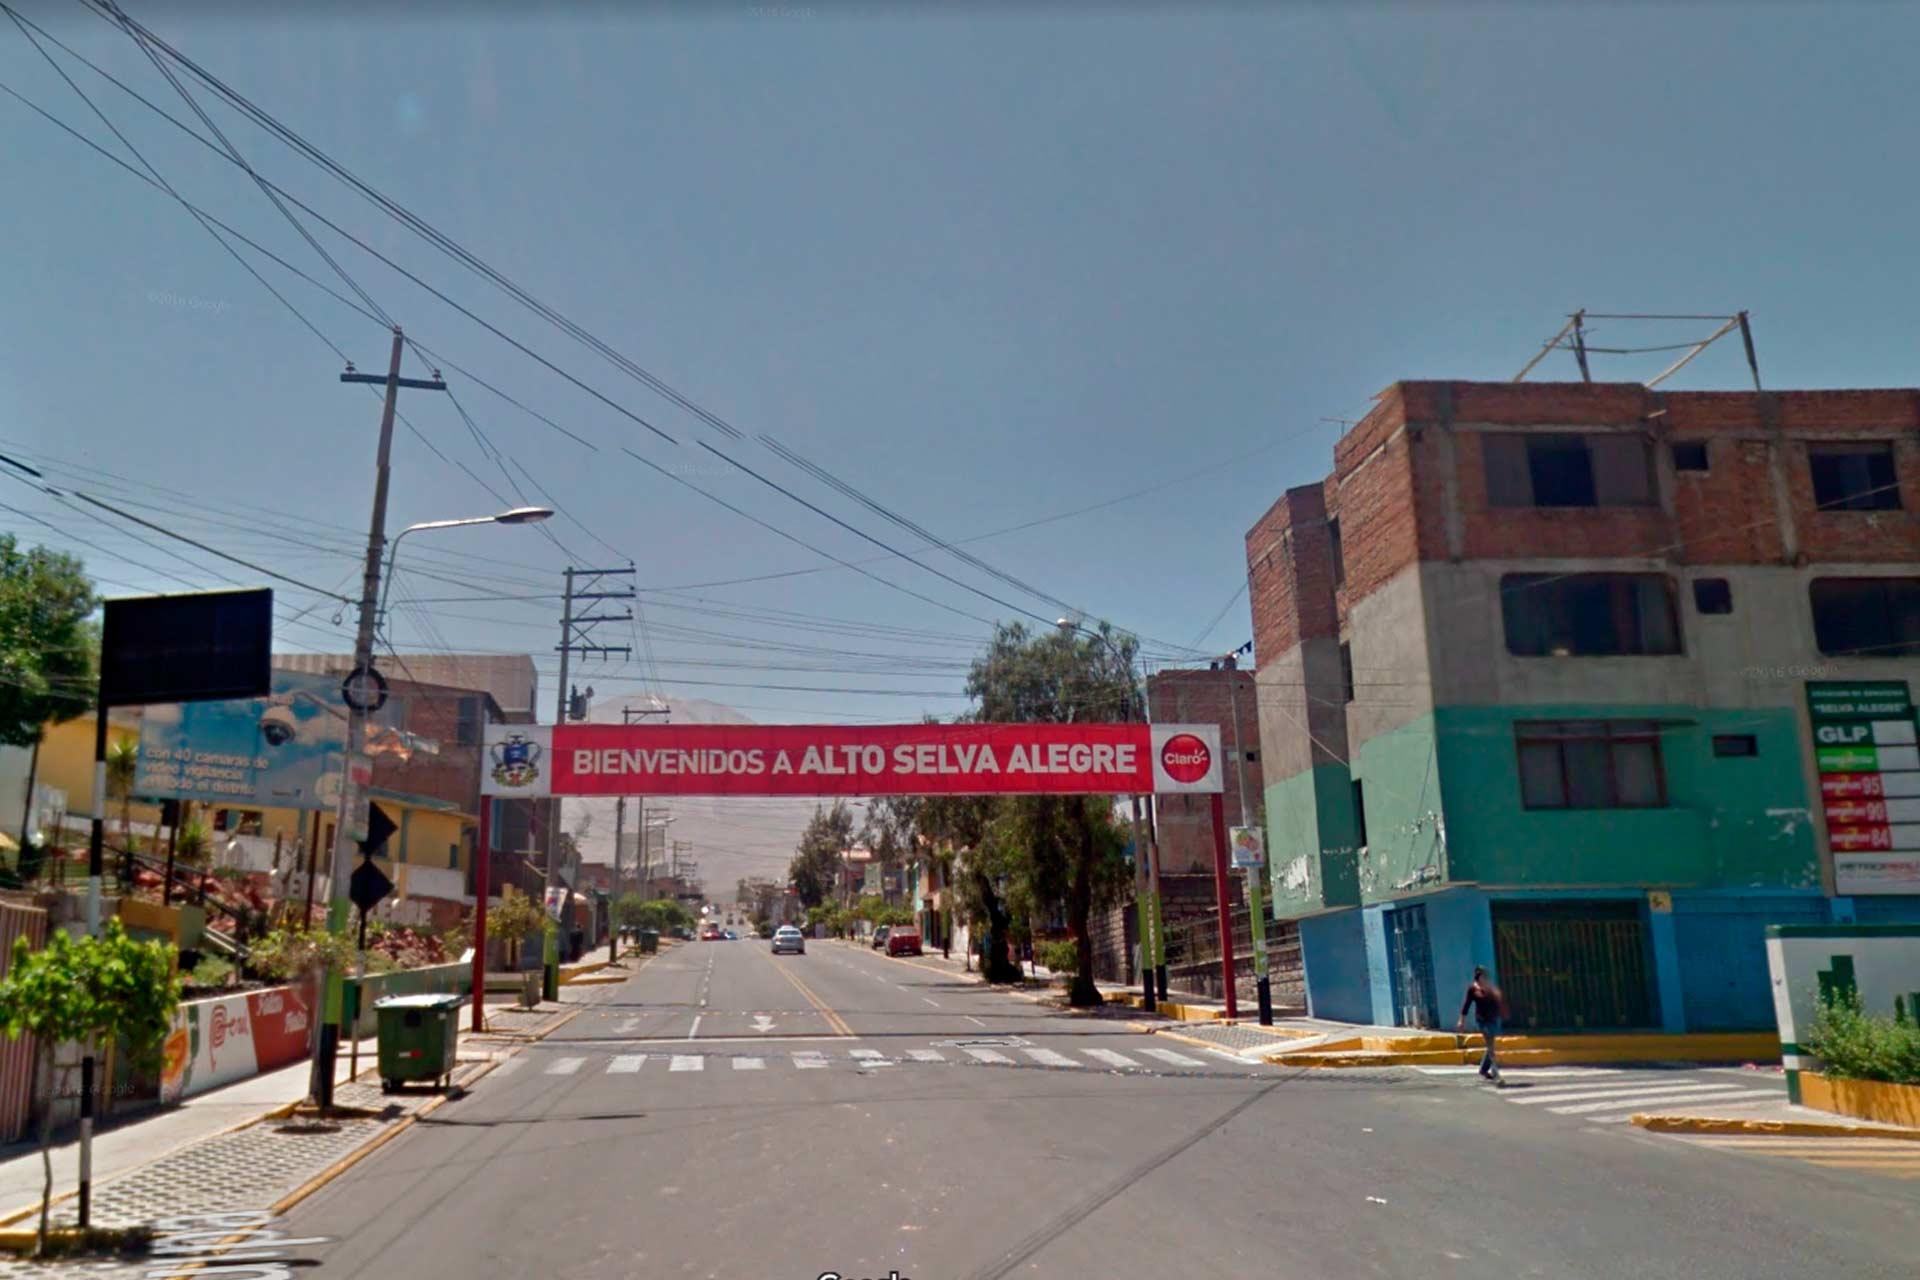 Alto Selva Alegre